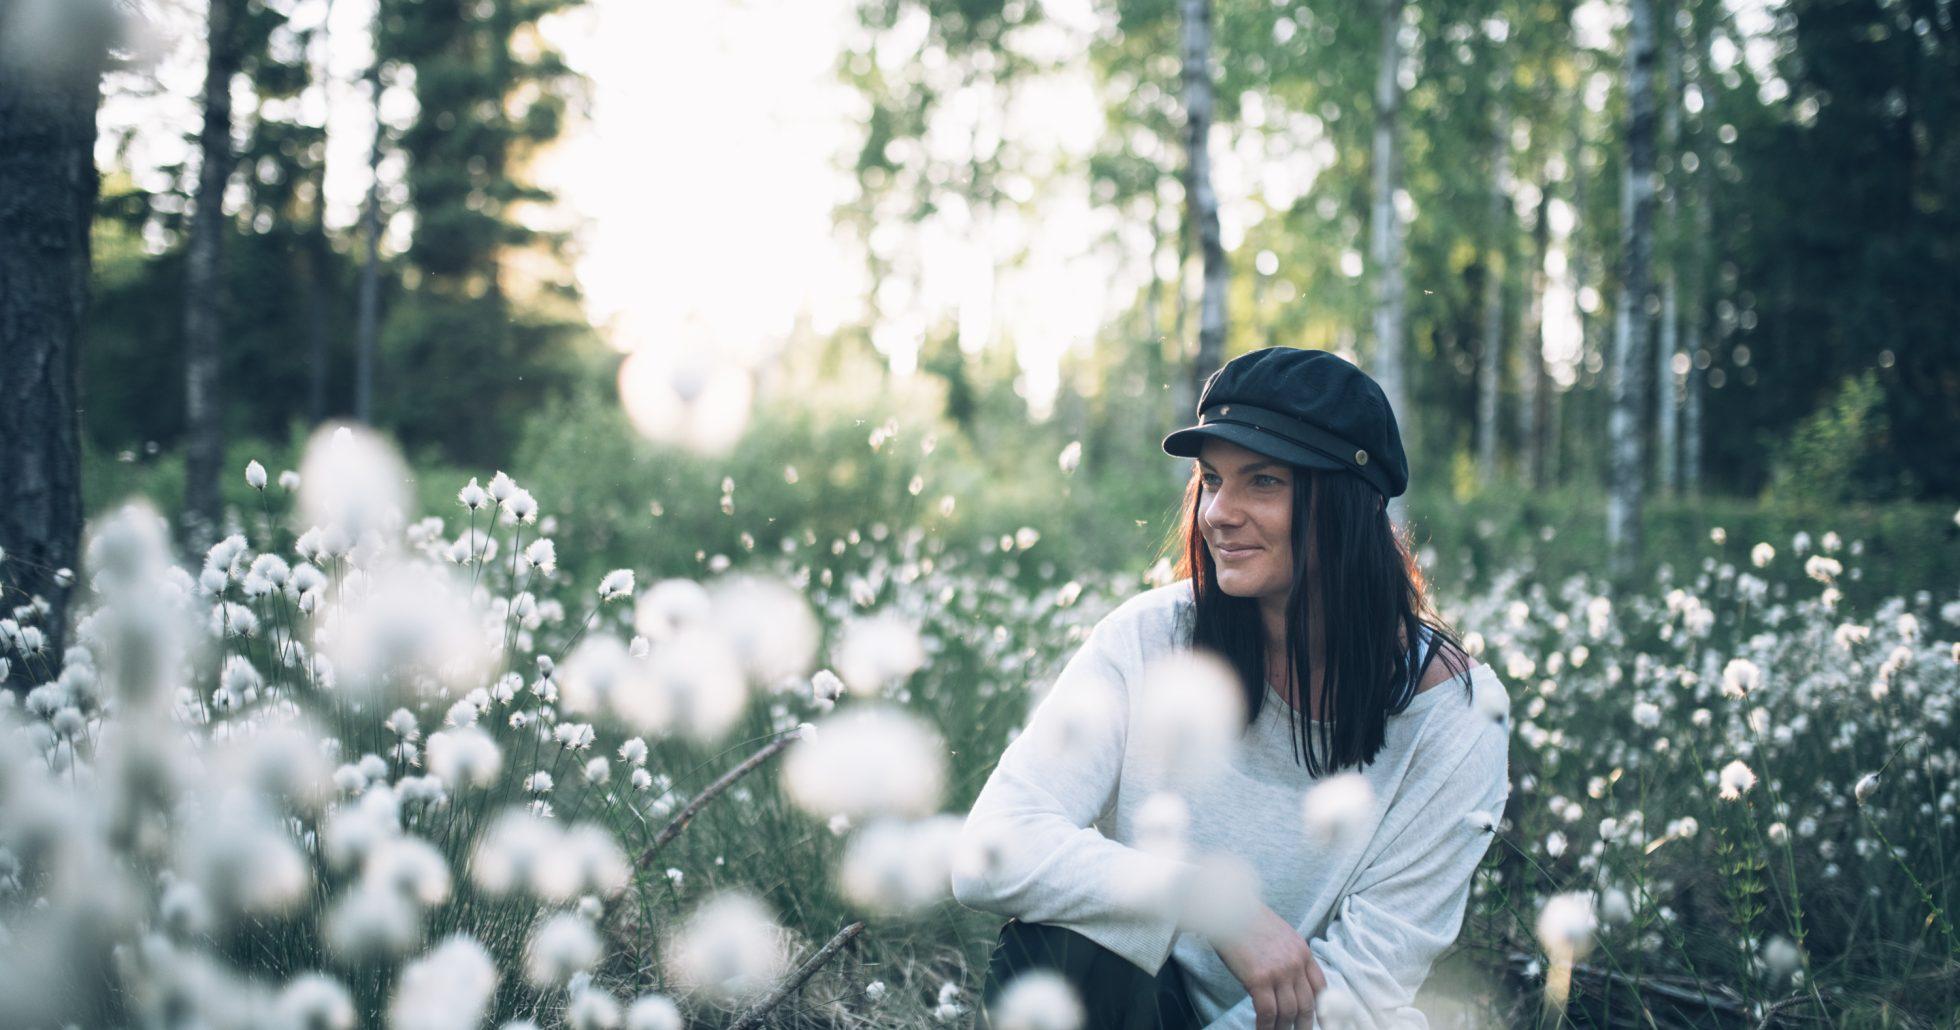 Interview with photographer Eeva Makinen (eevamakinen)